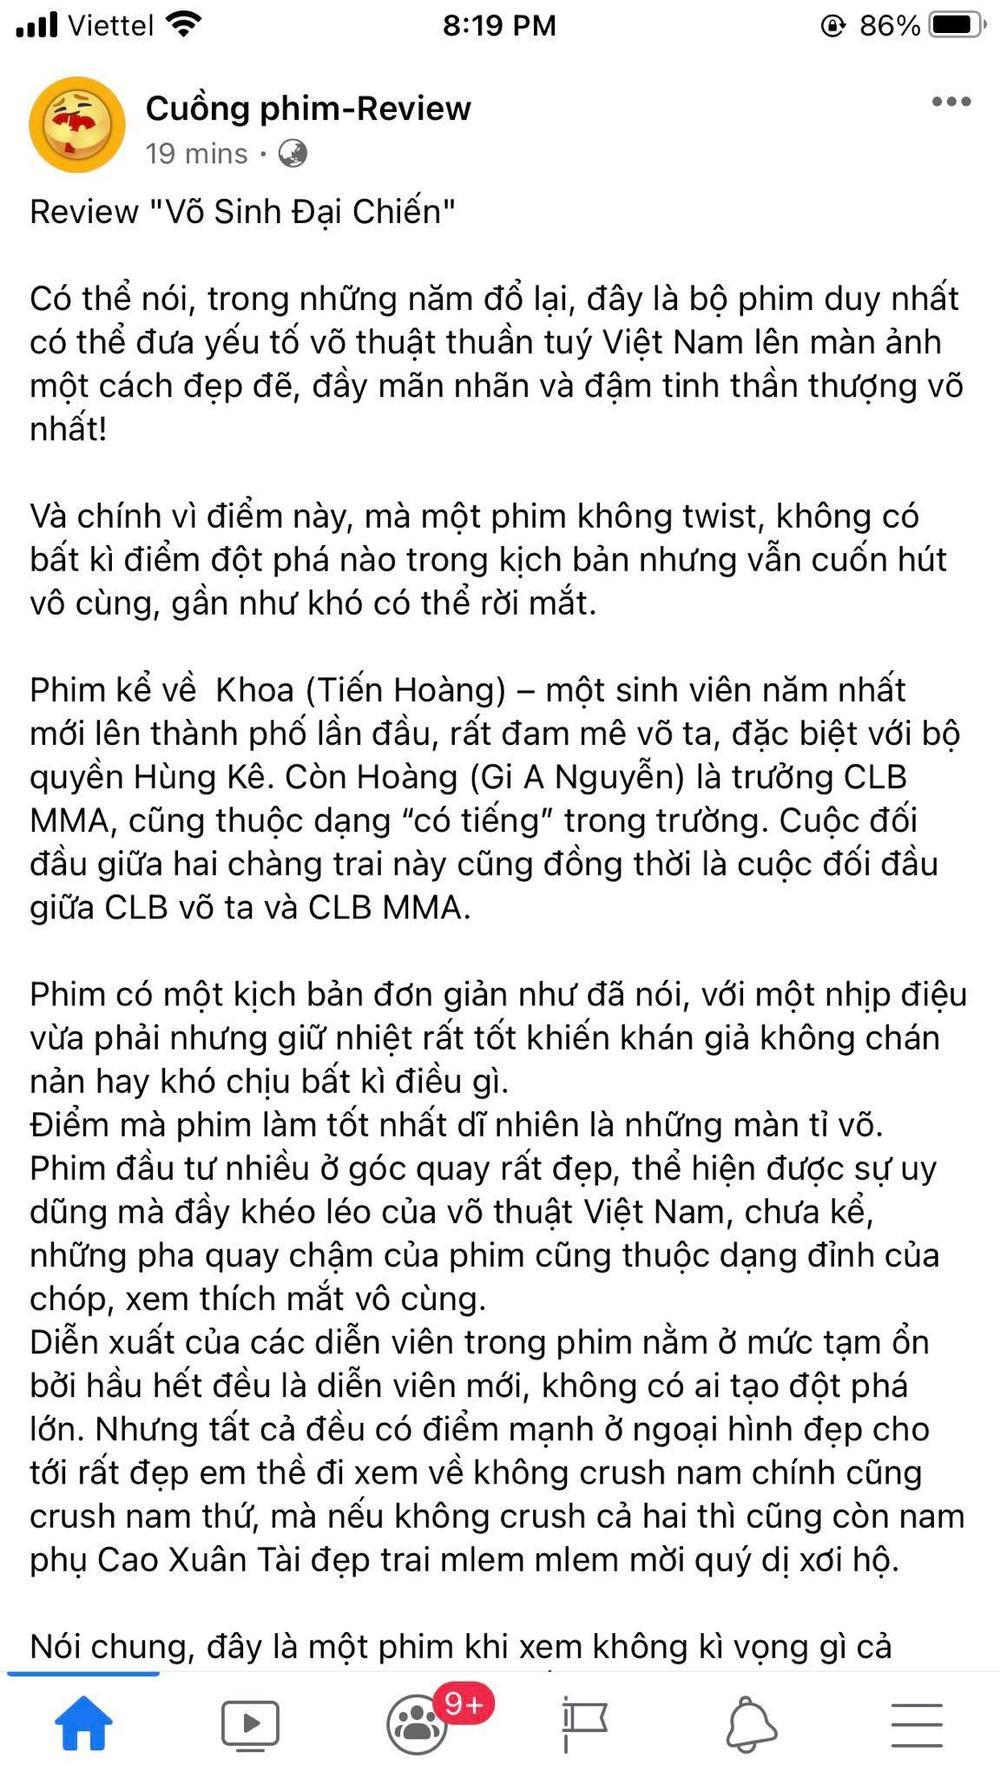 NSX 'Võ sinh đại chiến' tuyên bố rút phim sau 3 ngày ra mắt vì bị 'chèn ép suất chiếu' tại rạp Việt Ảnh 9